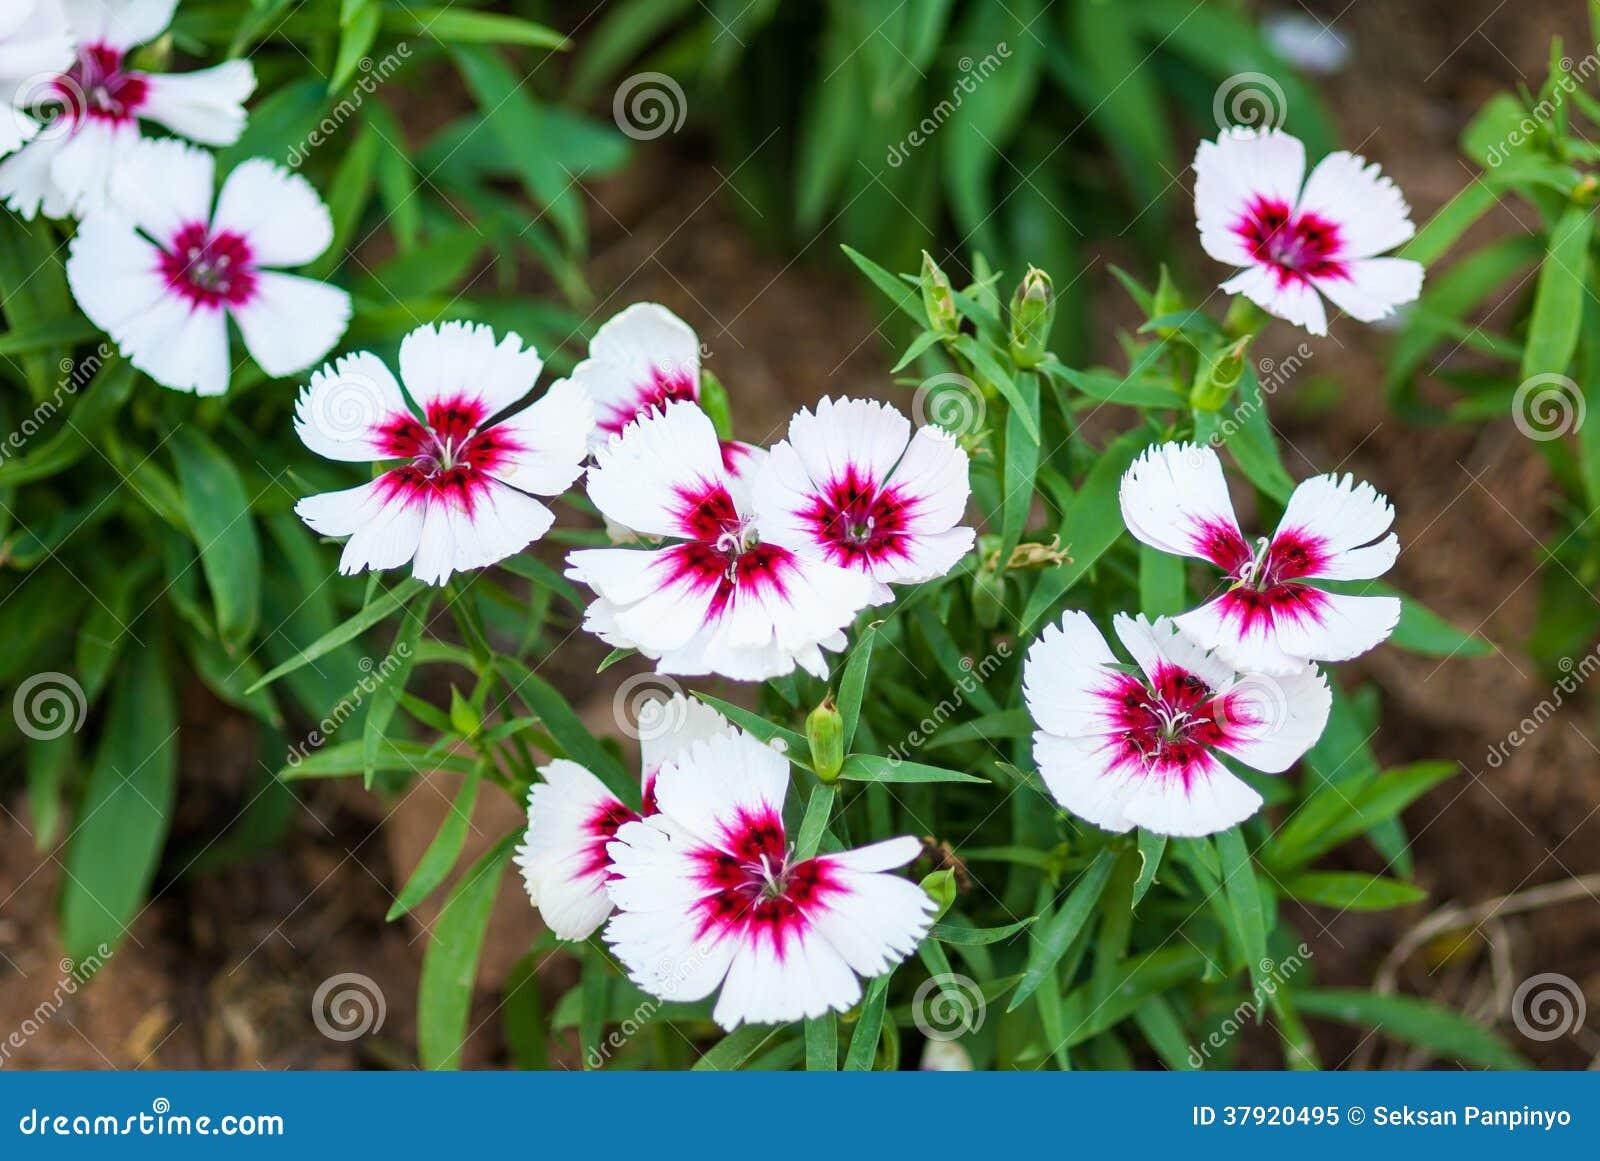 Rose de chine fleur d 39 oeillet photo libre de droits image 37920495 - Radis rose d hiver de chine ...